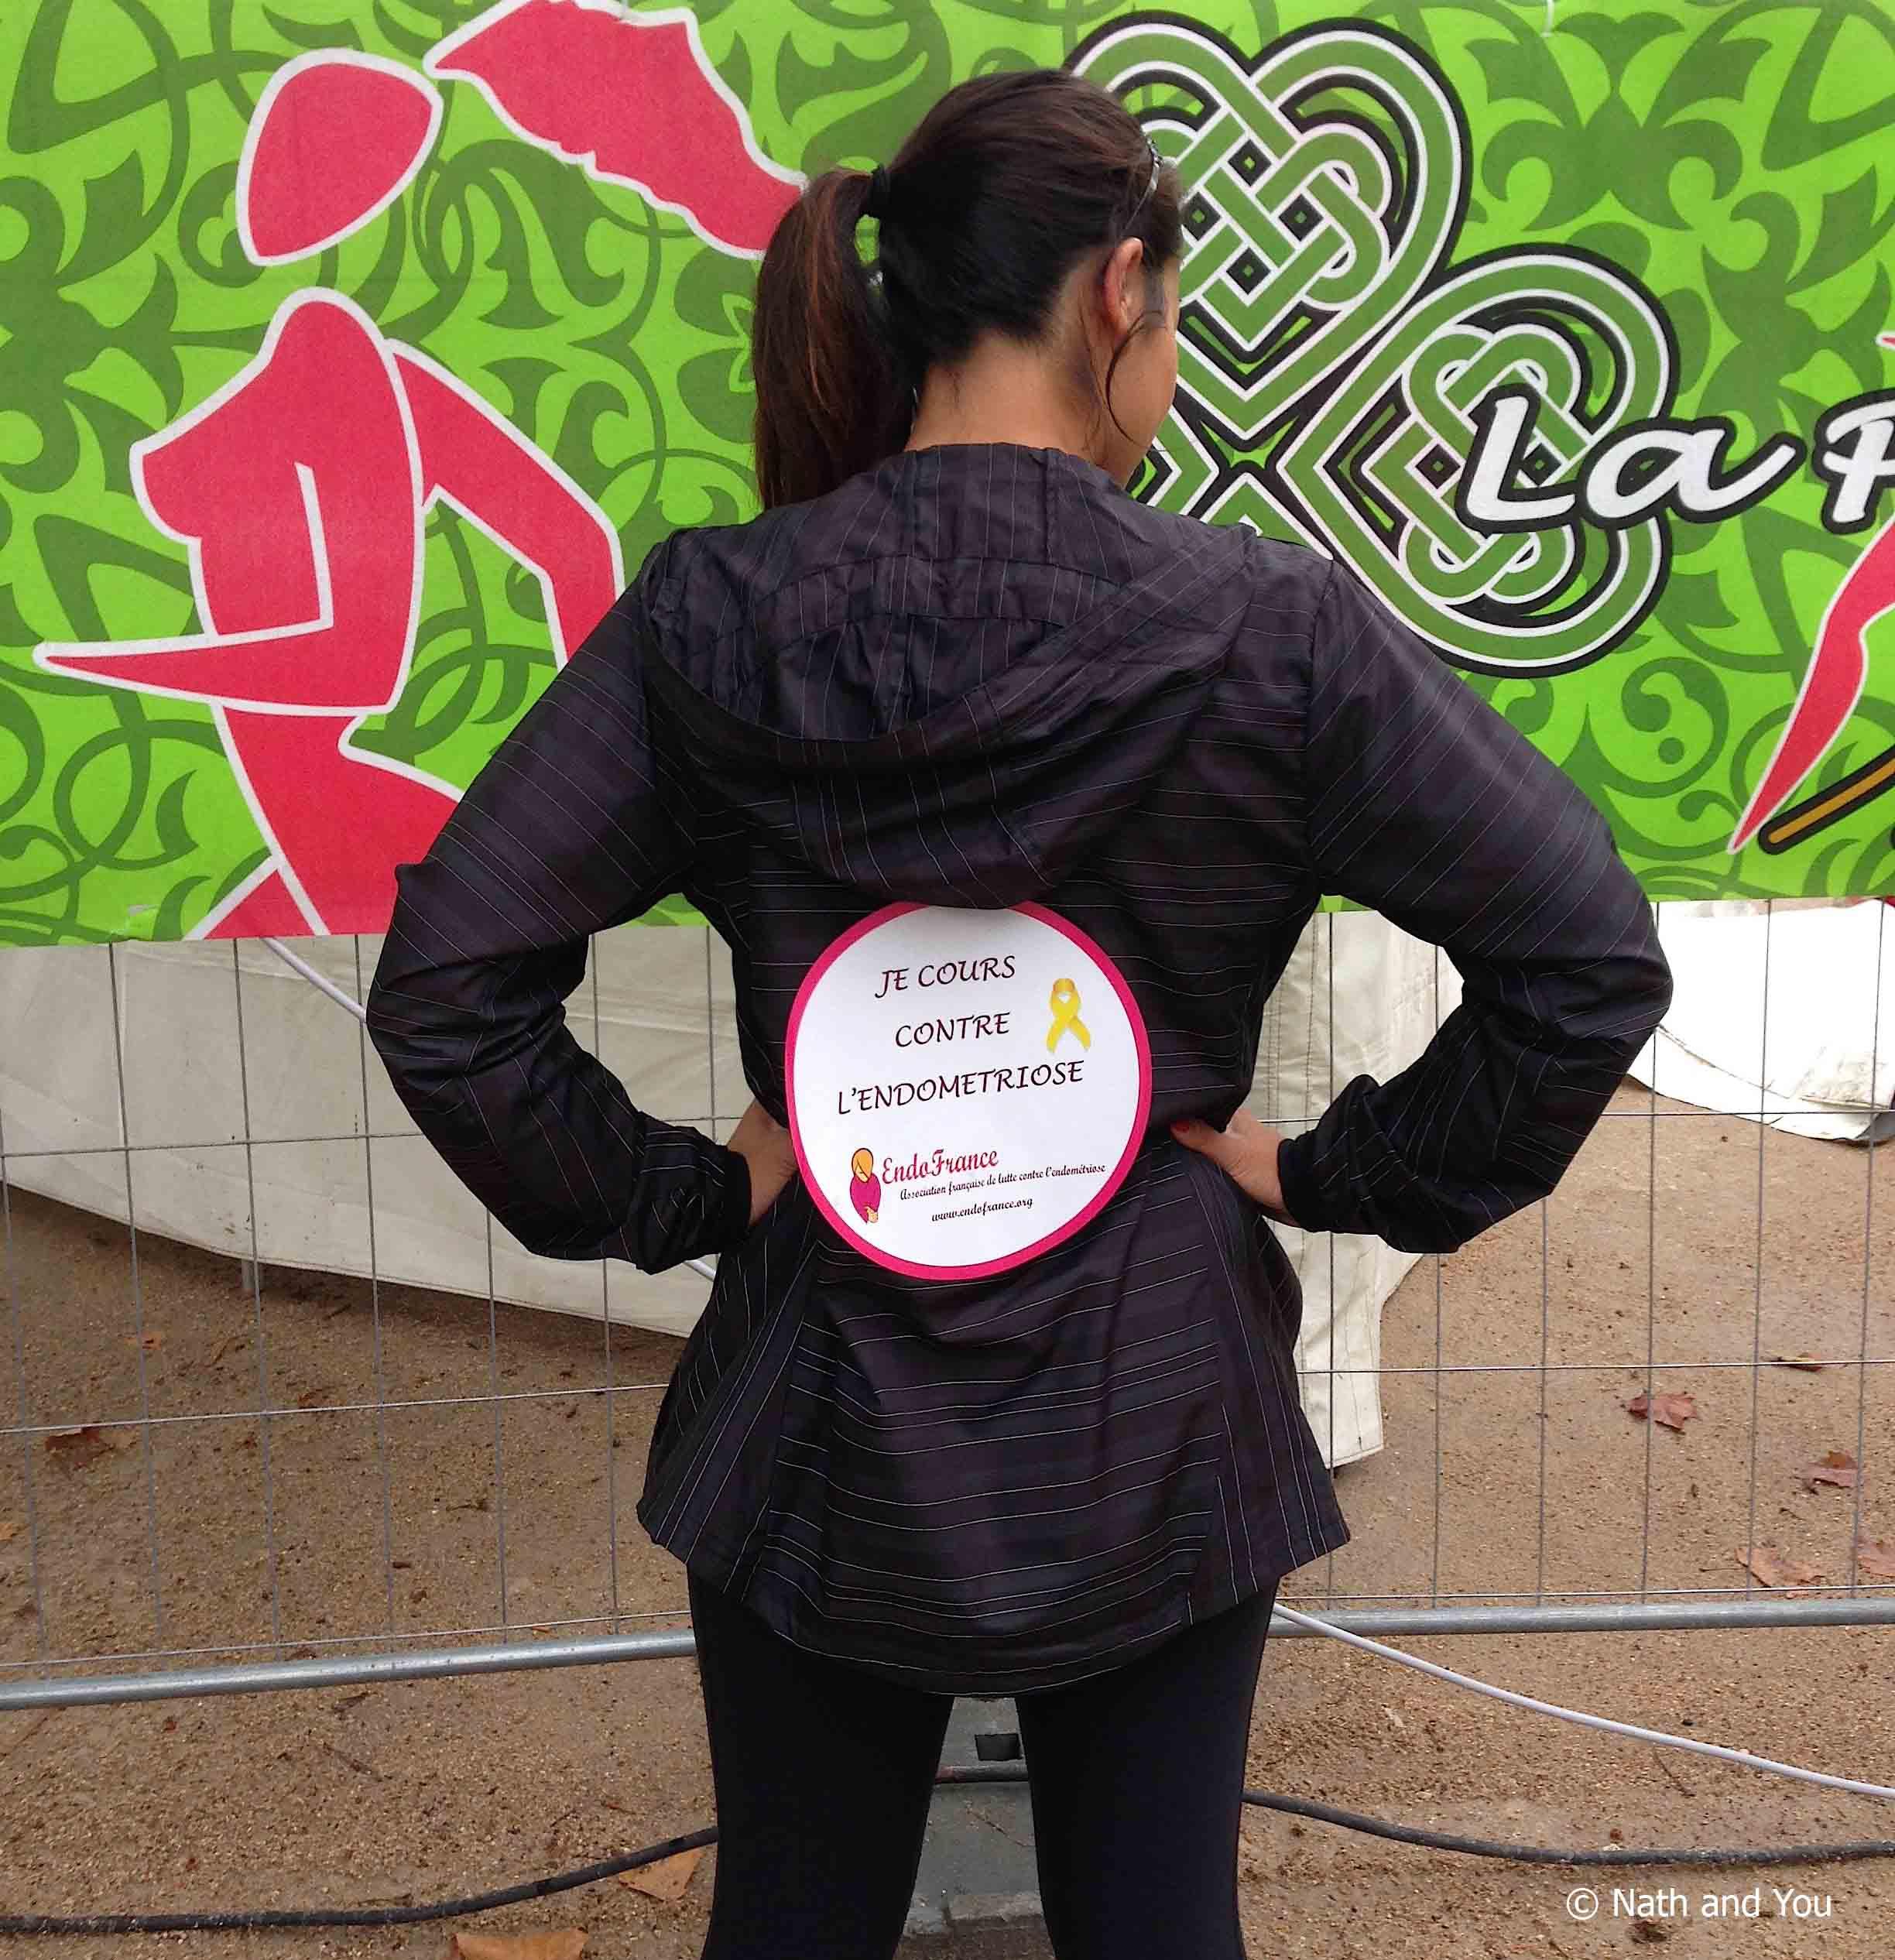 Je-cours-contre-l-endometriose-La-Parisienne-Nath-and-you